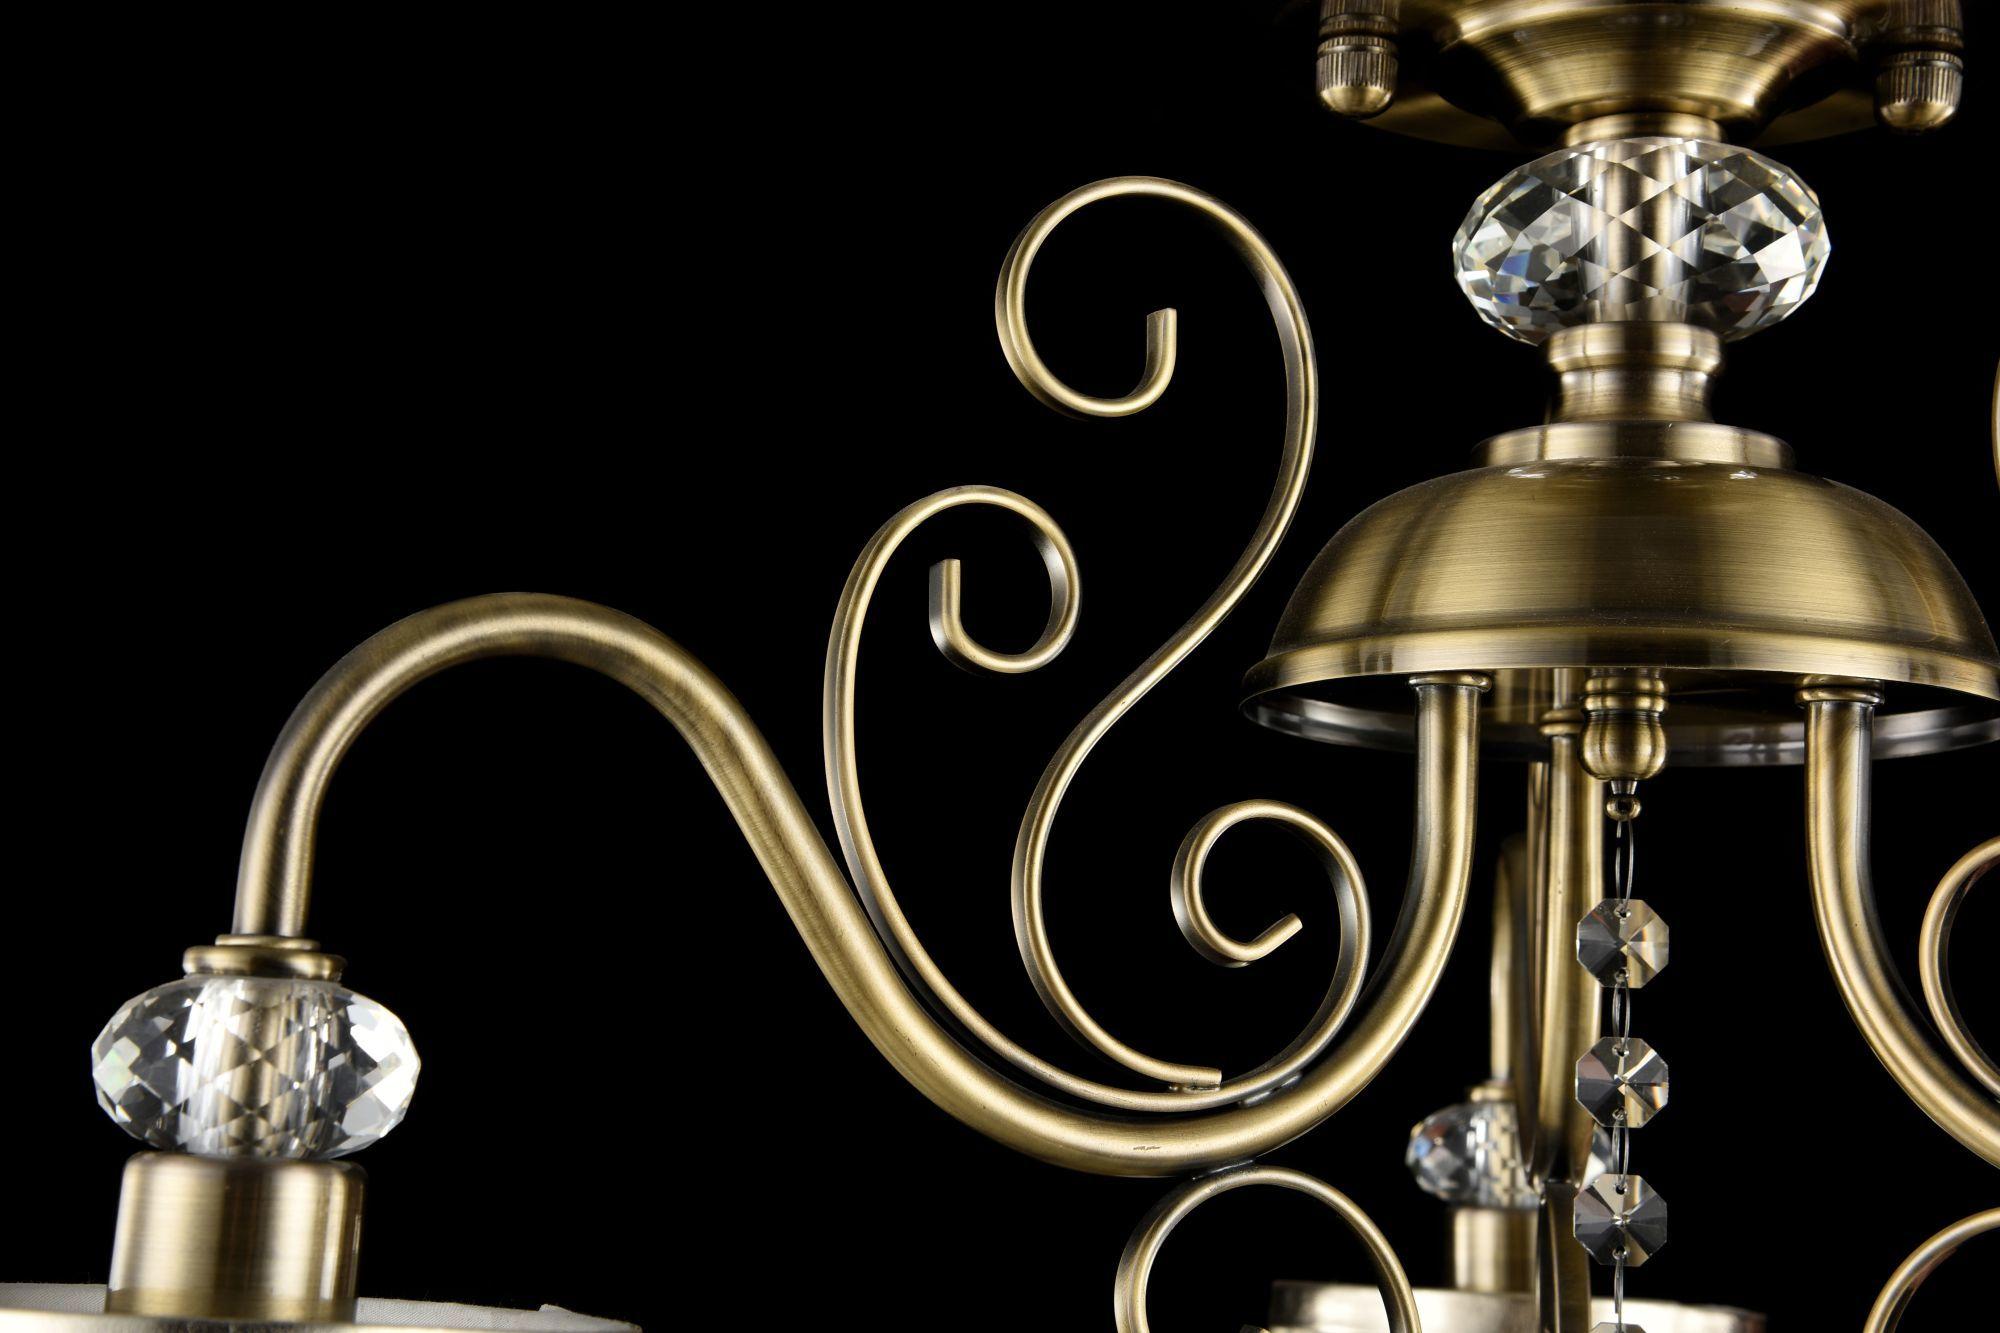 Потолочно-подвесная люстра Freya Classic Driana FR2405-PL-03-BZ (FR405-03-R), 3xE14x40W, бронза с прозрачным, прозрачный с бронзой, прозрачный, металл с хрусталем, текстиль, хрусталь - фото 6